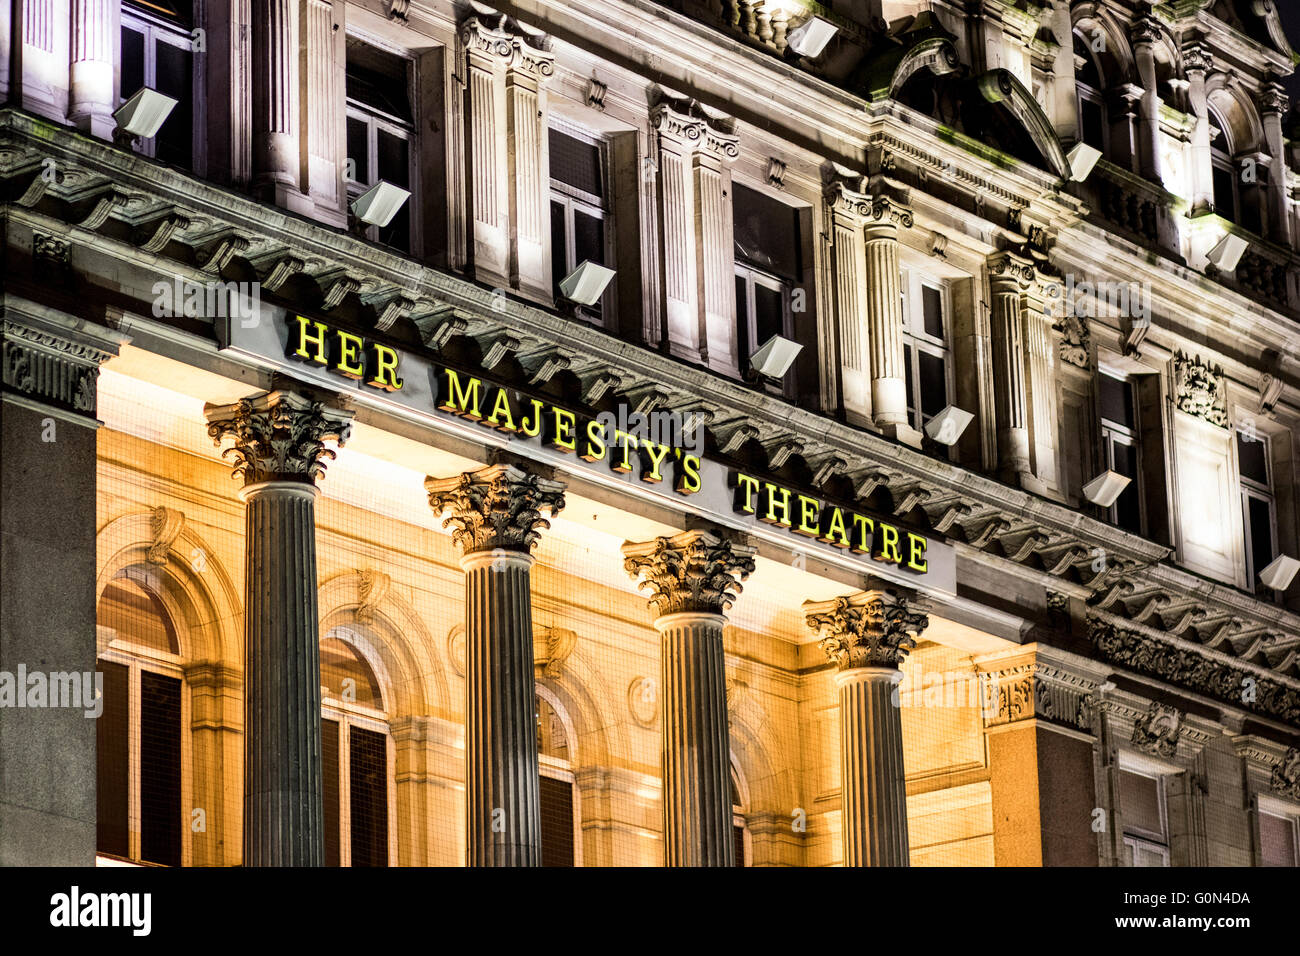 Her Majesty's Theatre London esterno segno GV Immagini Stock